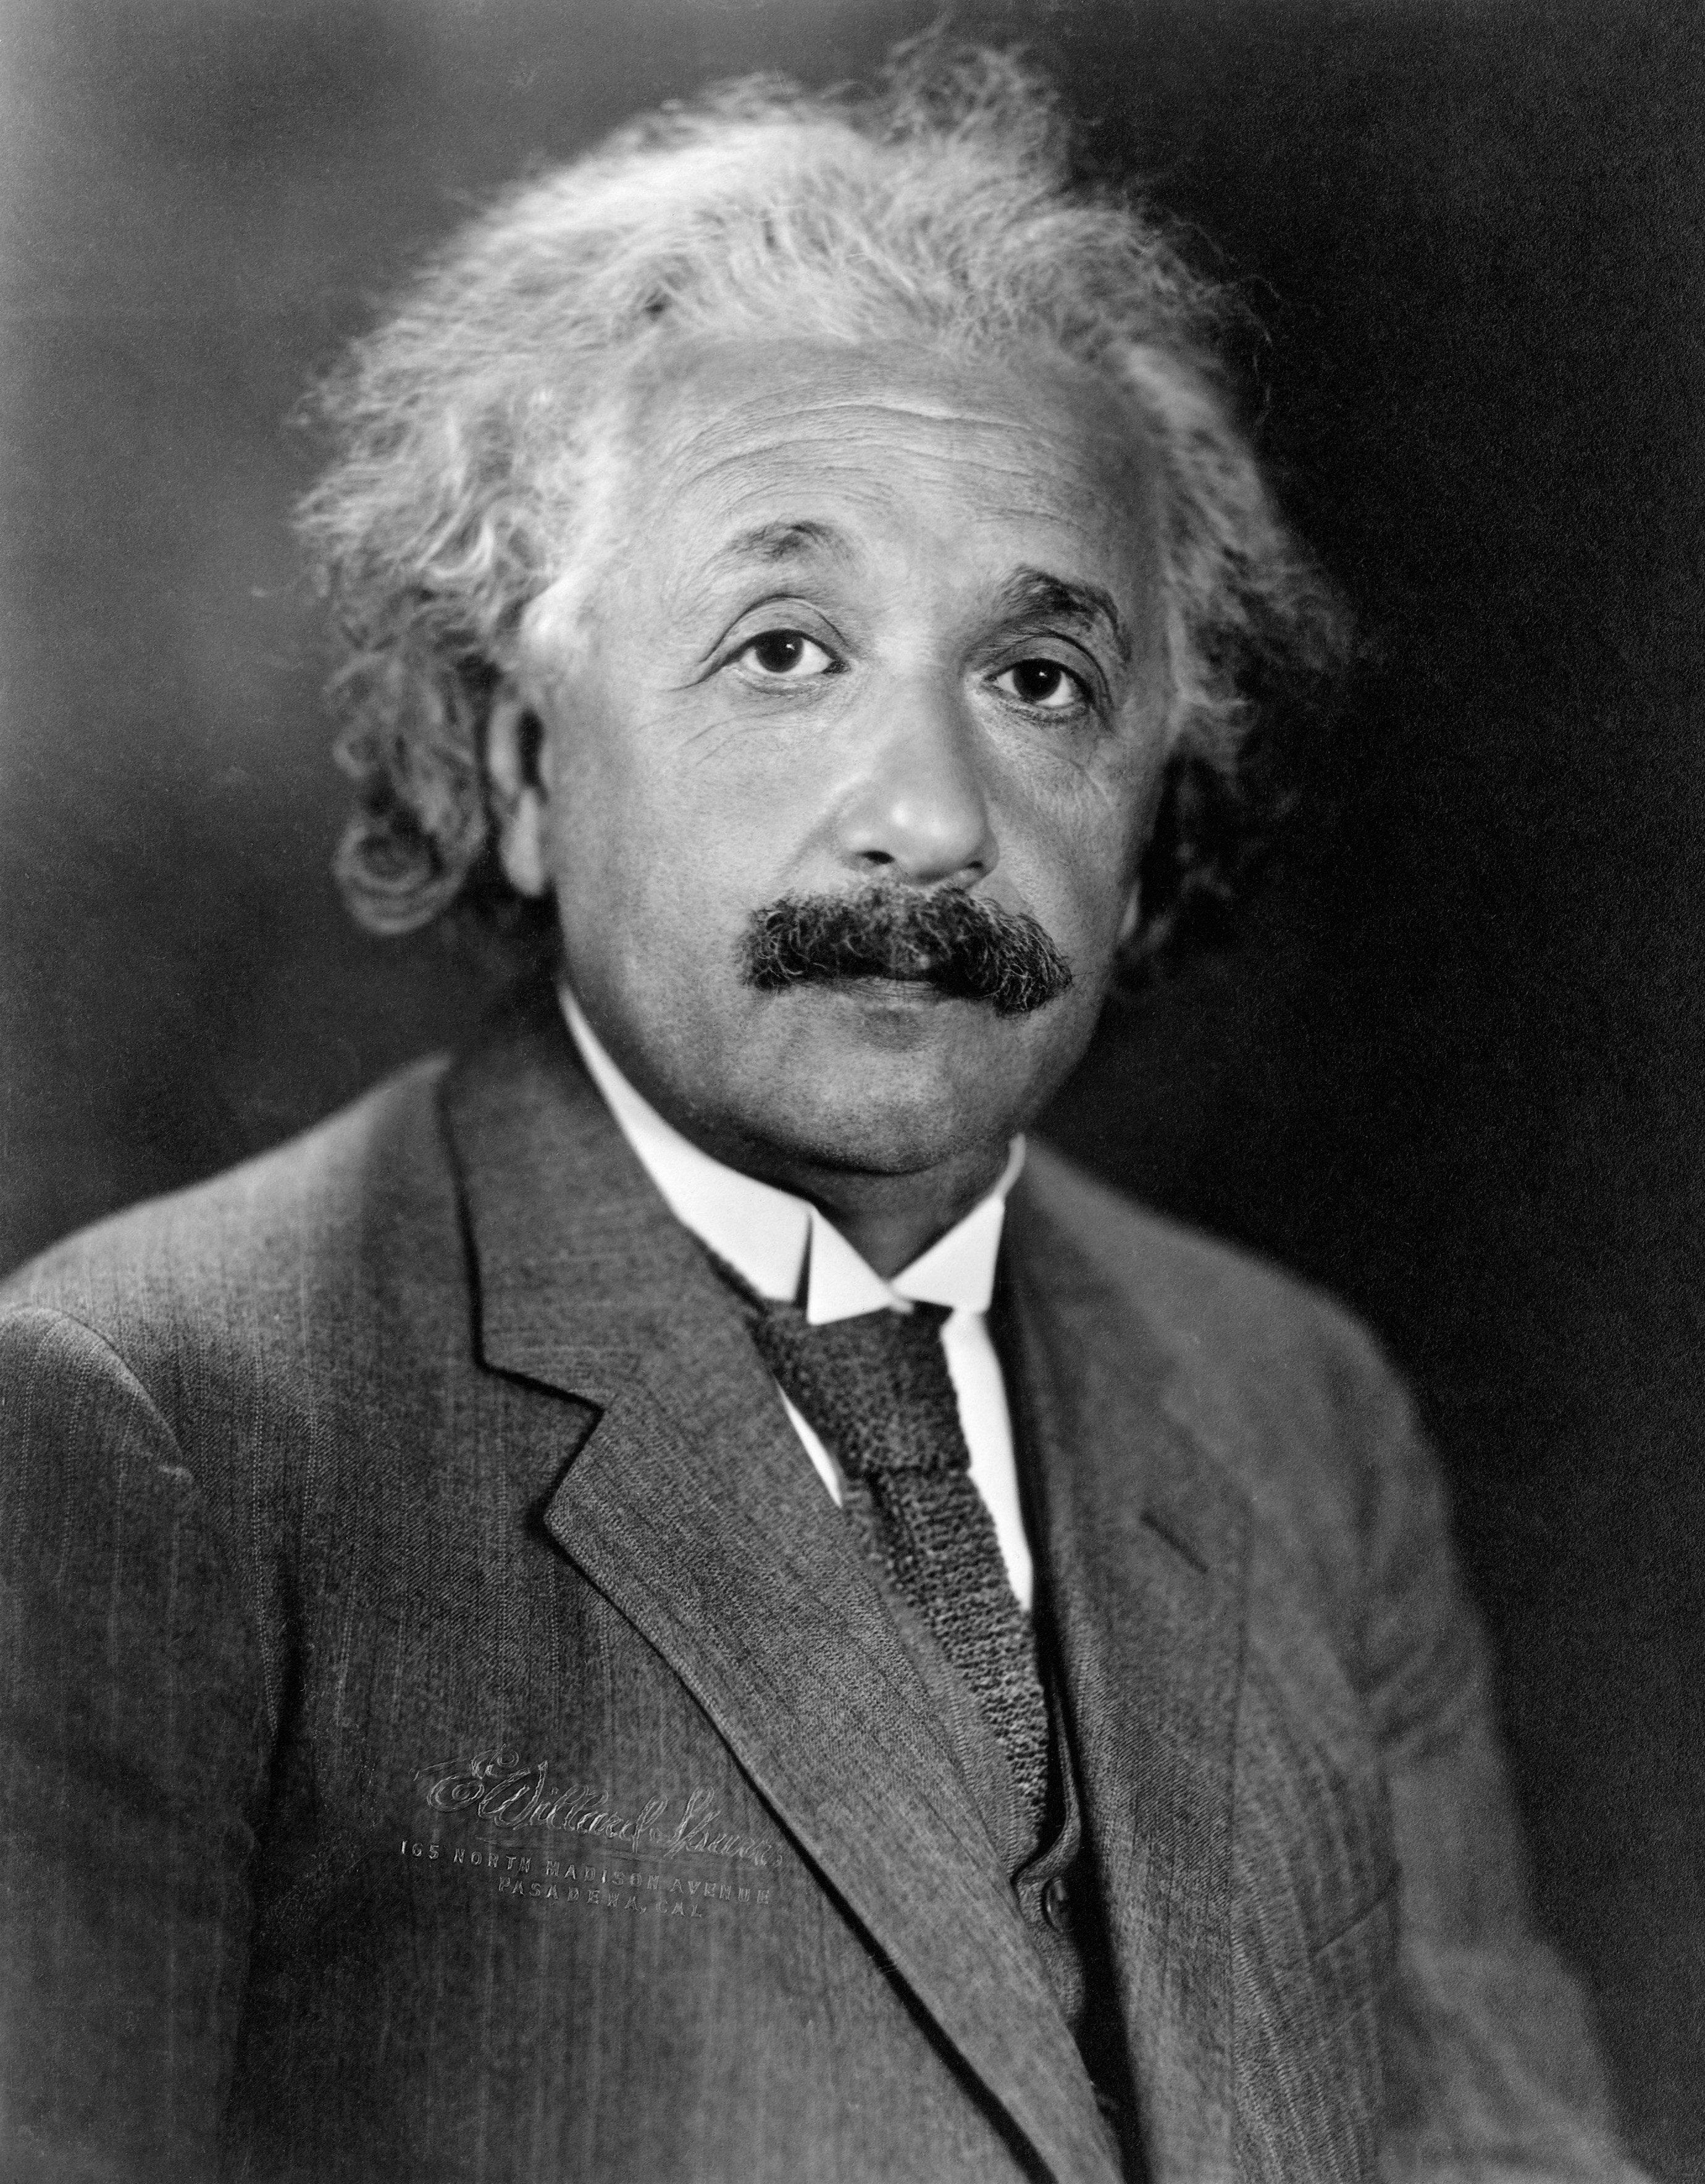 아인슈타인 일기에는 인종주의적인 내용이 상당히